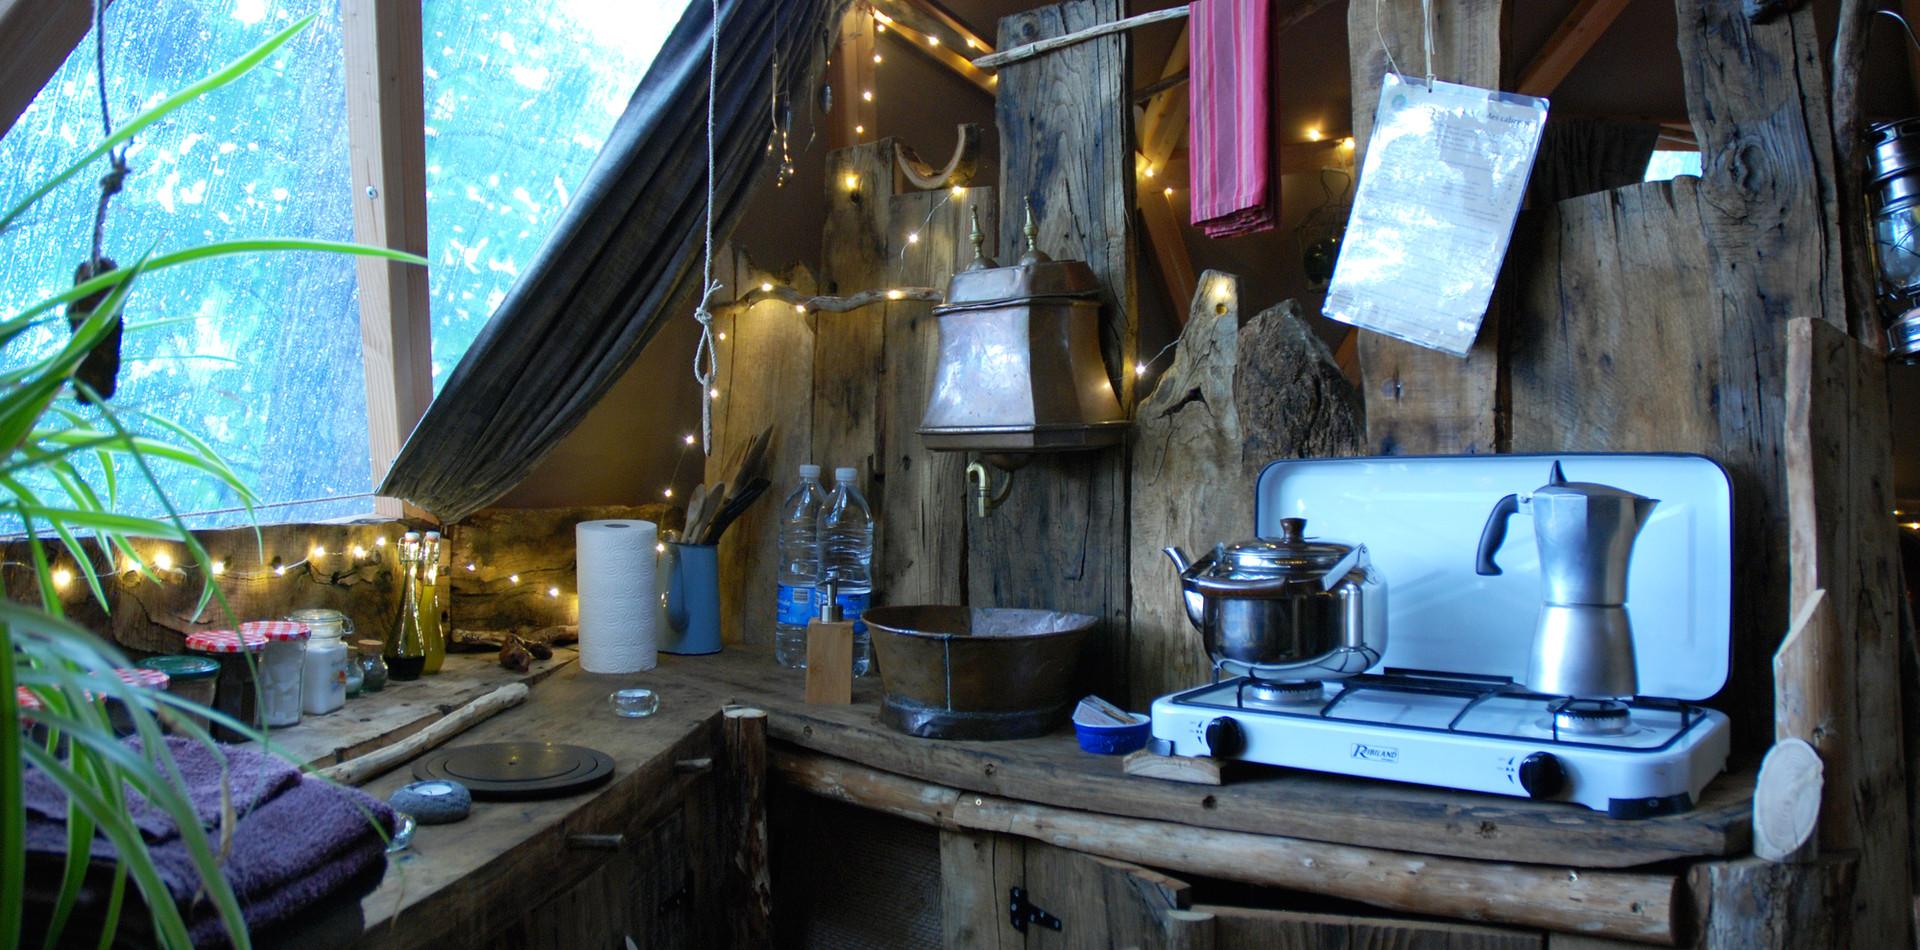 Cabane de la Séléné Kitchenette intérieur